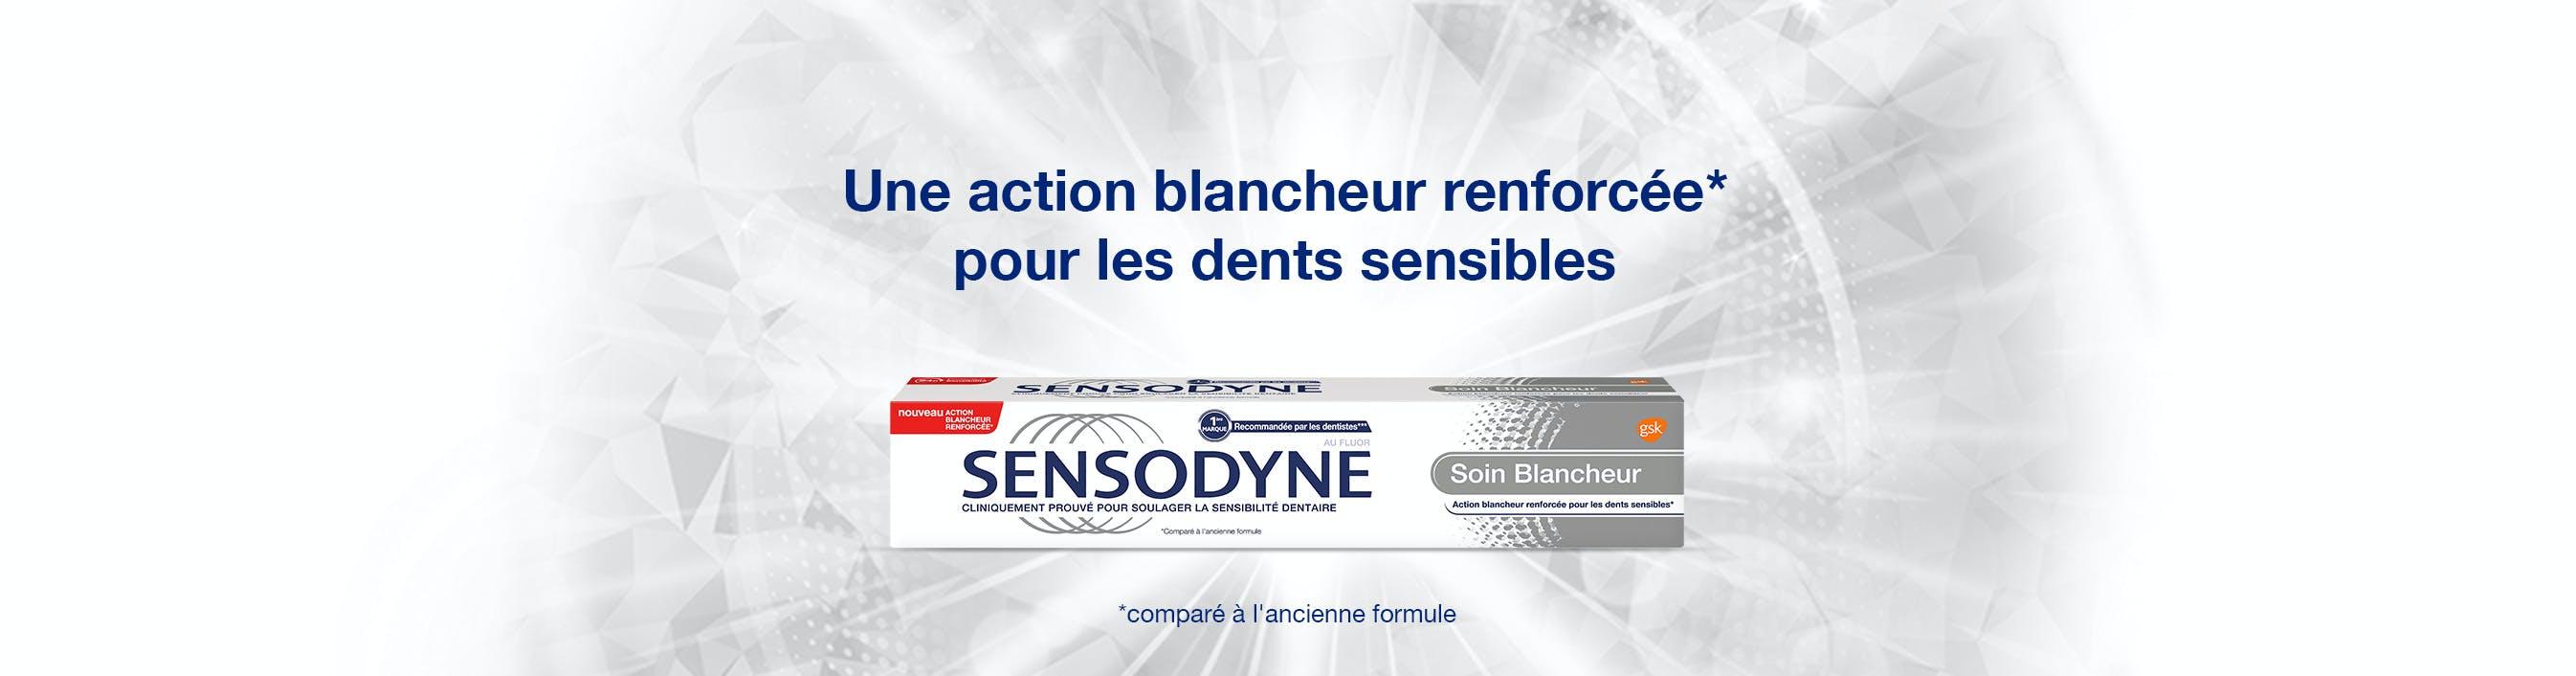 Le dentifrice Sensodyne Soin Blancheur, une formule améliorée spécialement conçue pour aider à restaurer la blancheur naturelle de vos dents